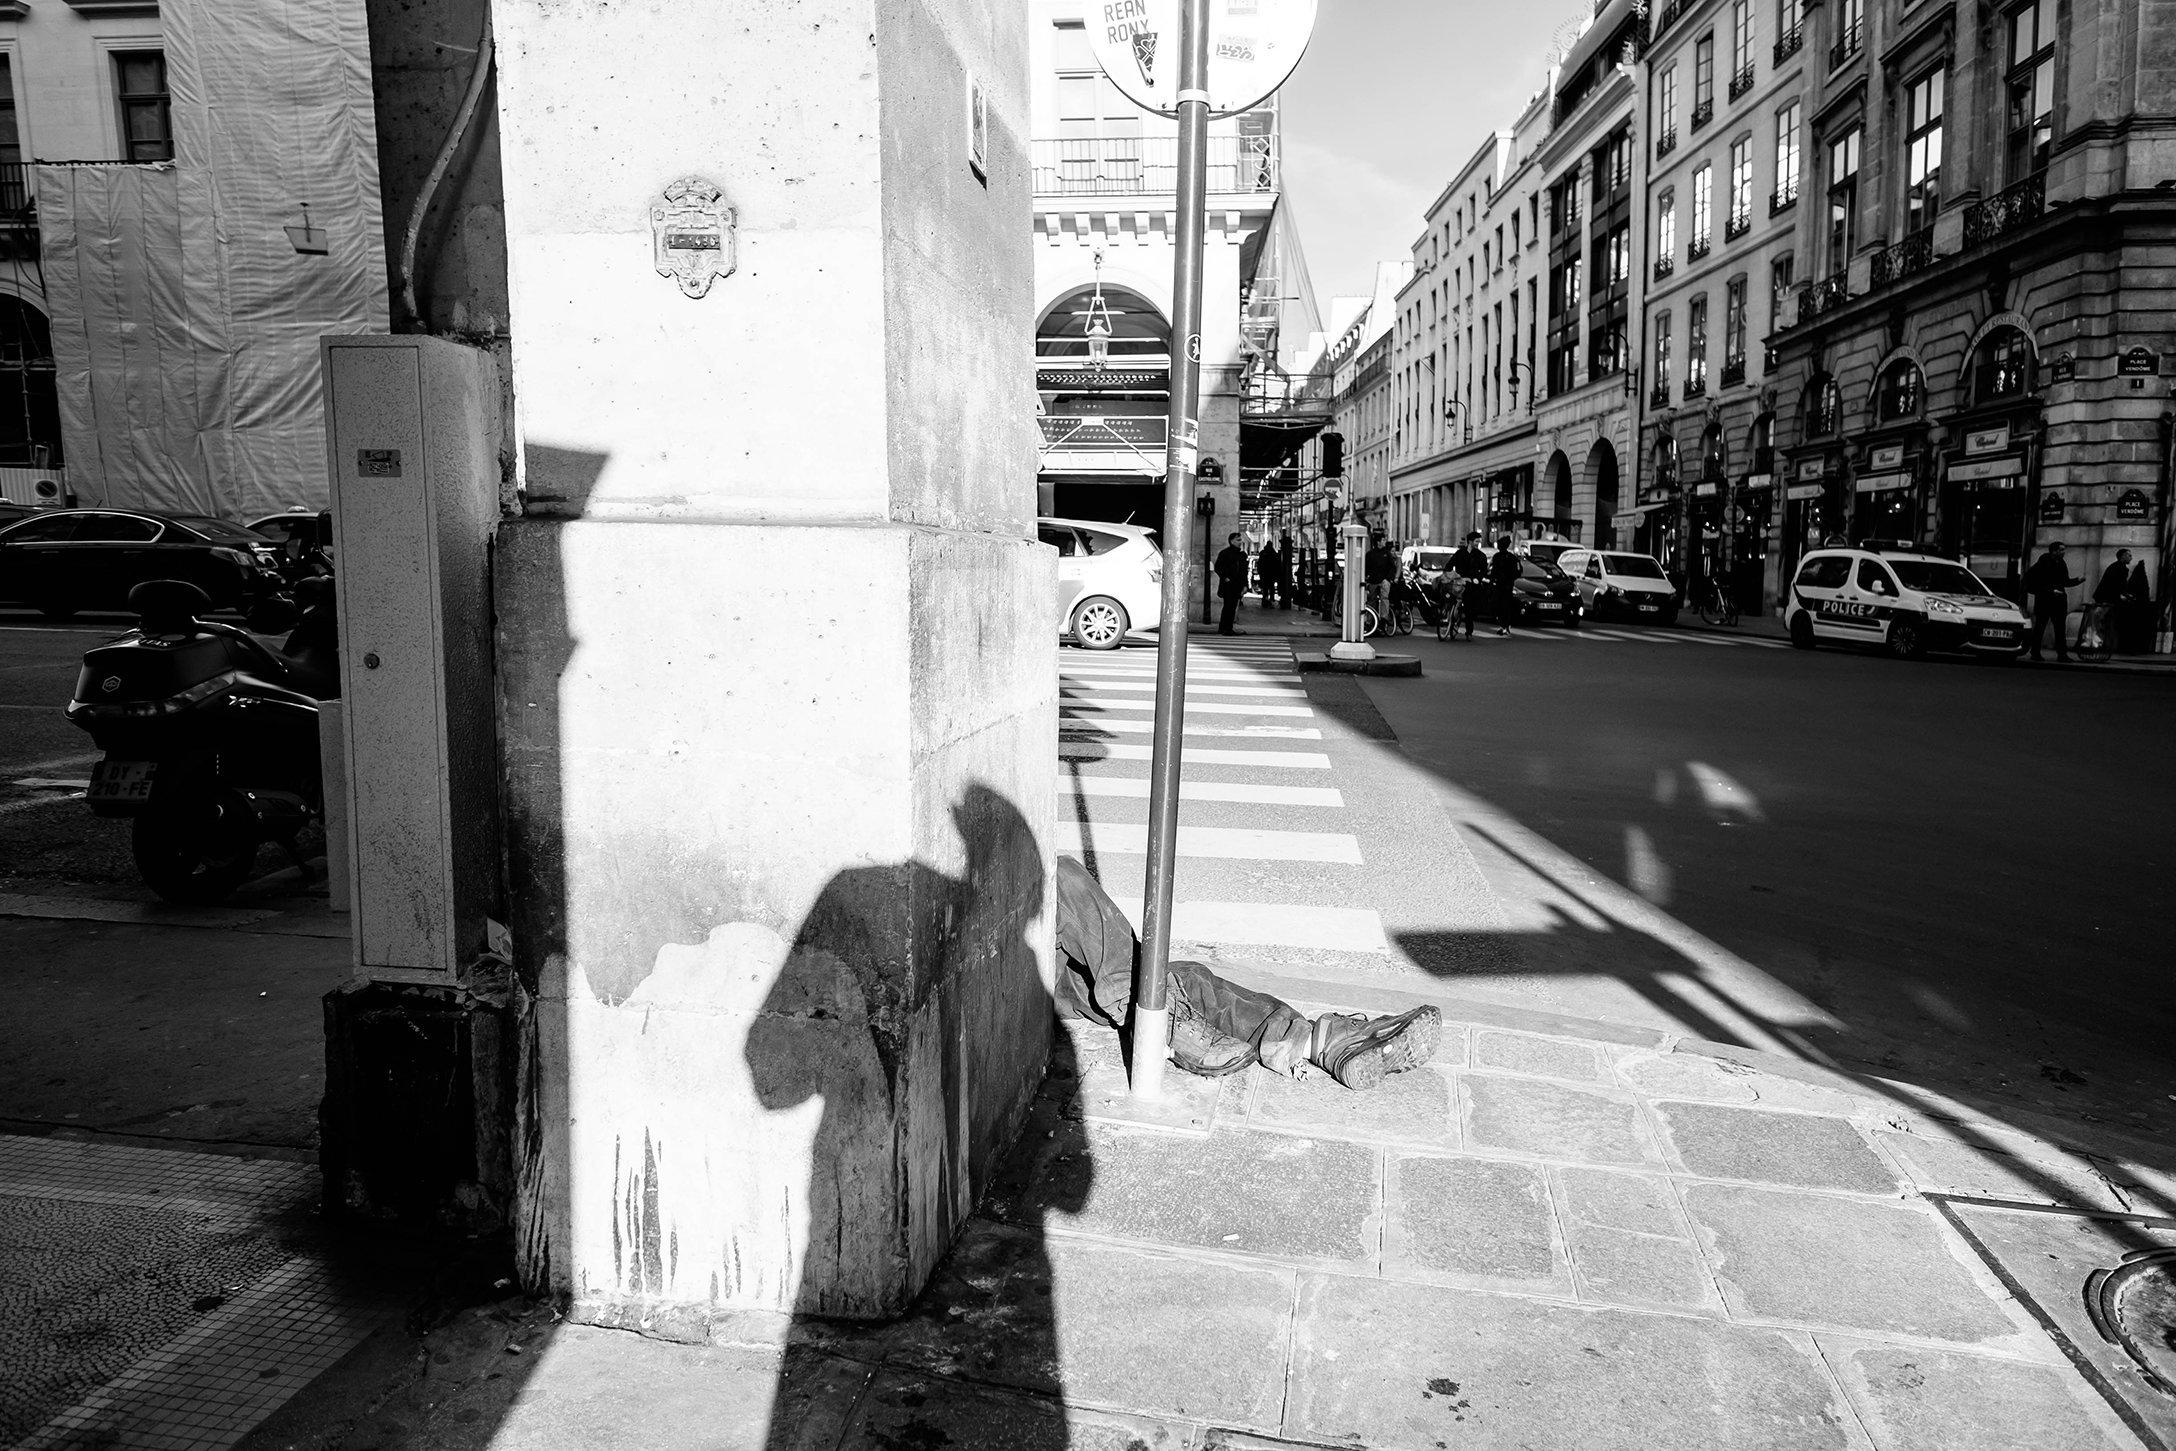 ParisHomelessManSaintHonore.jpg